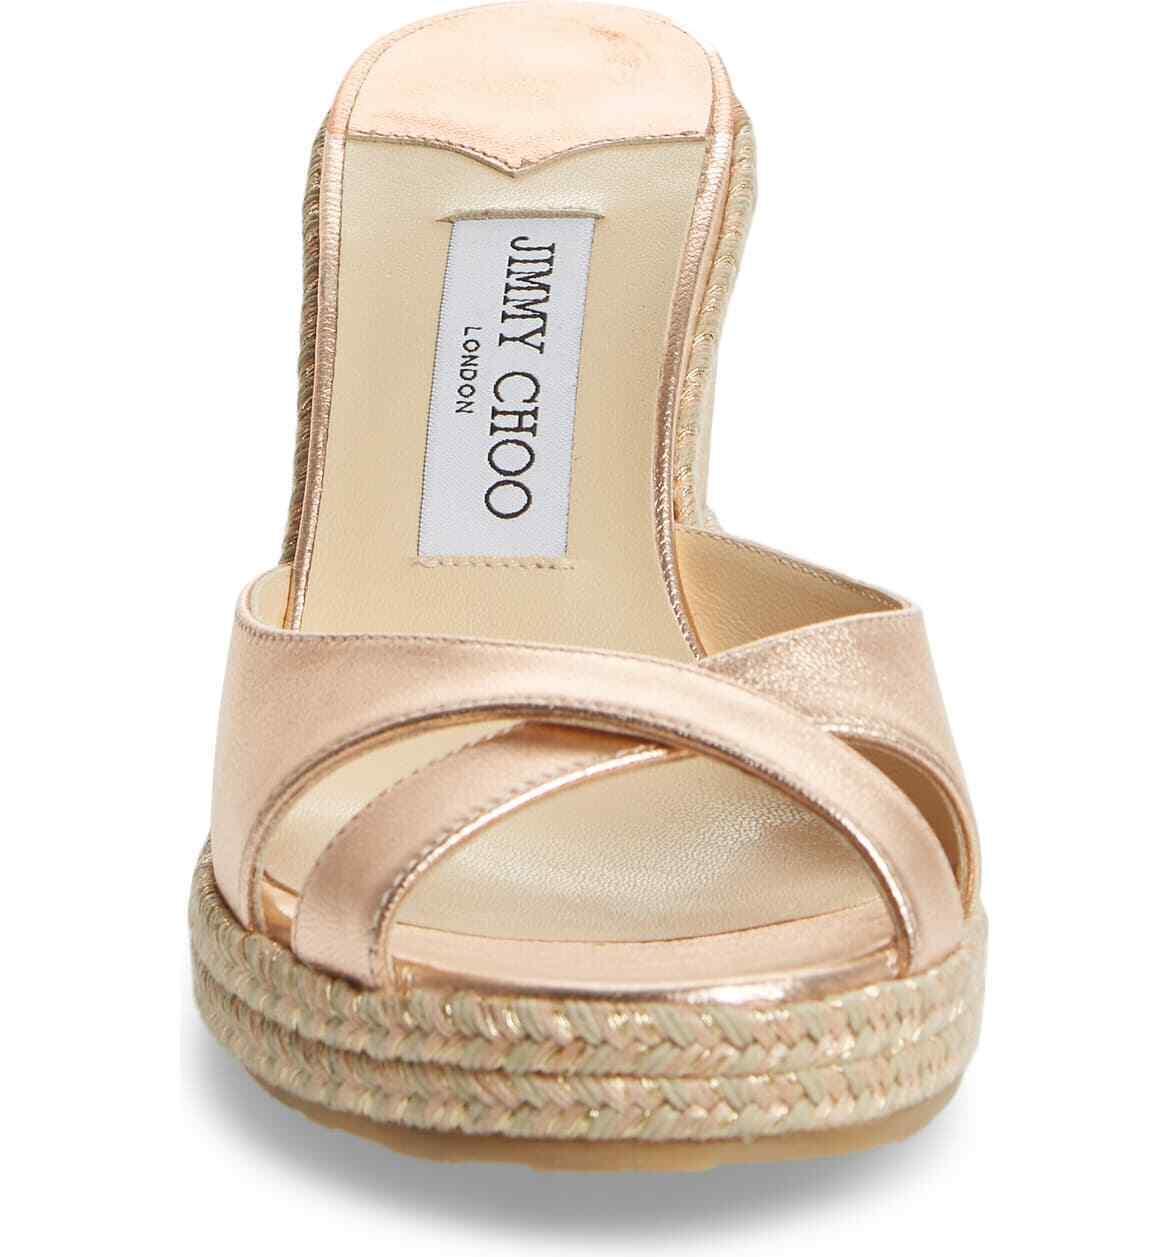 JIMMY CHOO Almer Wedge Slide Sandals Size 35.5